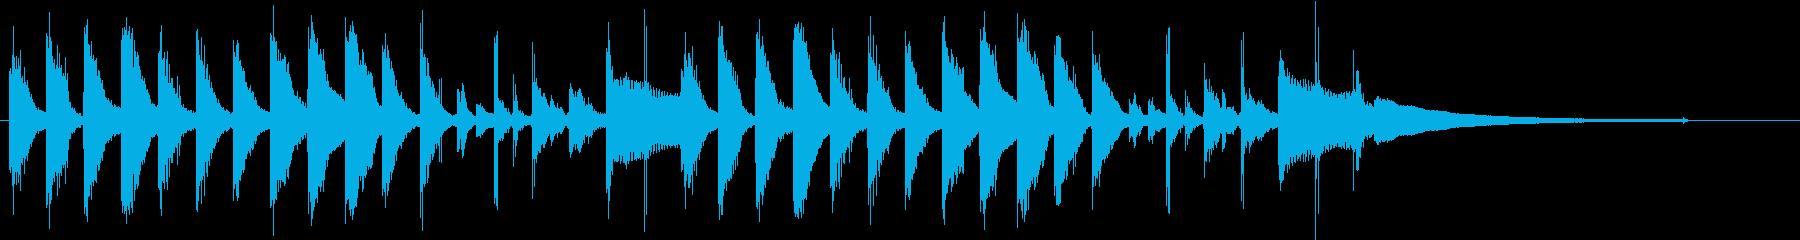 クリーン&シンプル&モダンなジングルの再生済みの波形